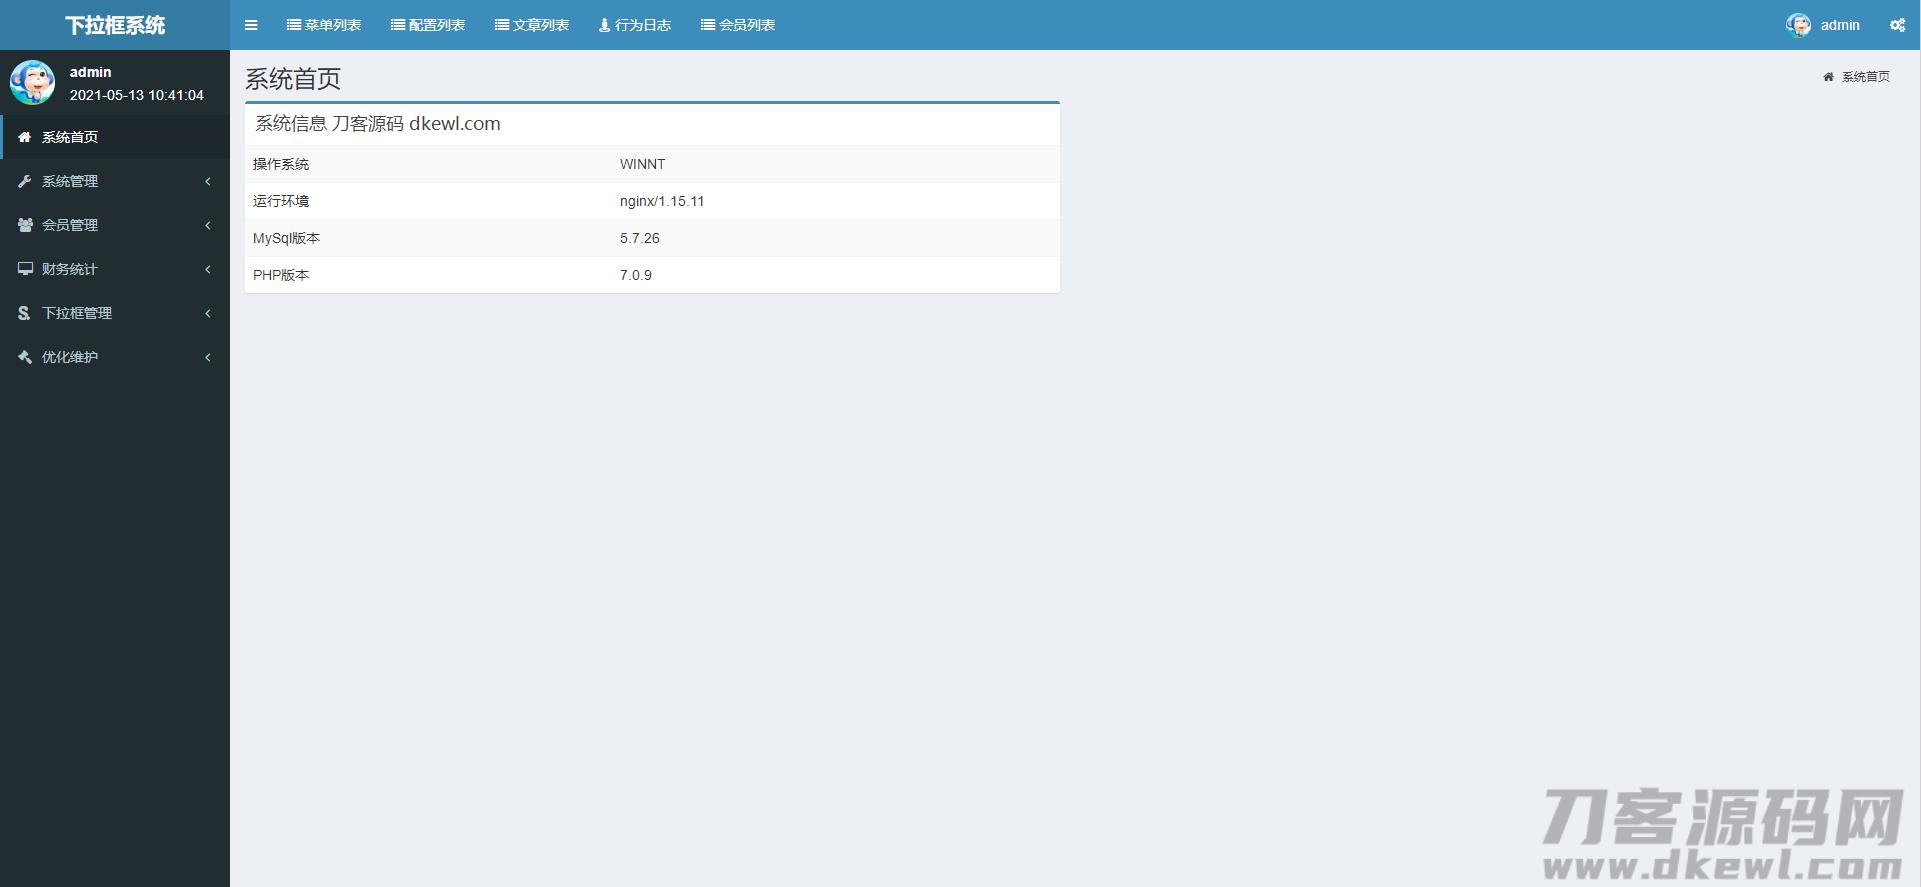 关键字SEO搜索推荐/下拉列表/优化软件/按天扣费系统软件全开源系统插图1